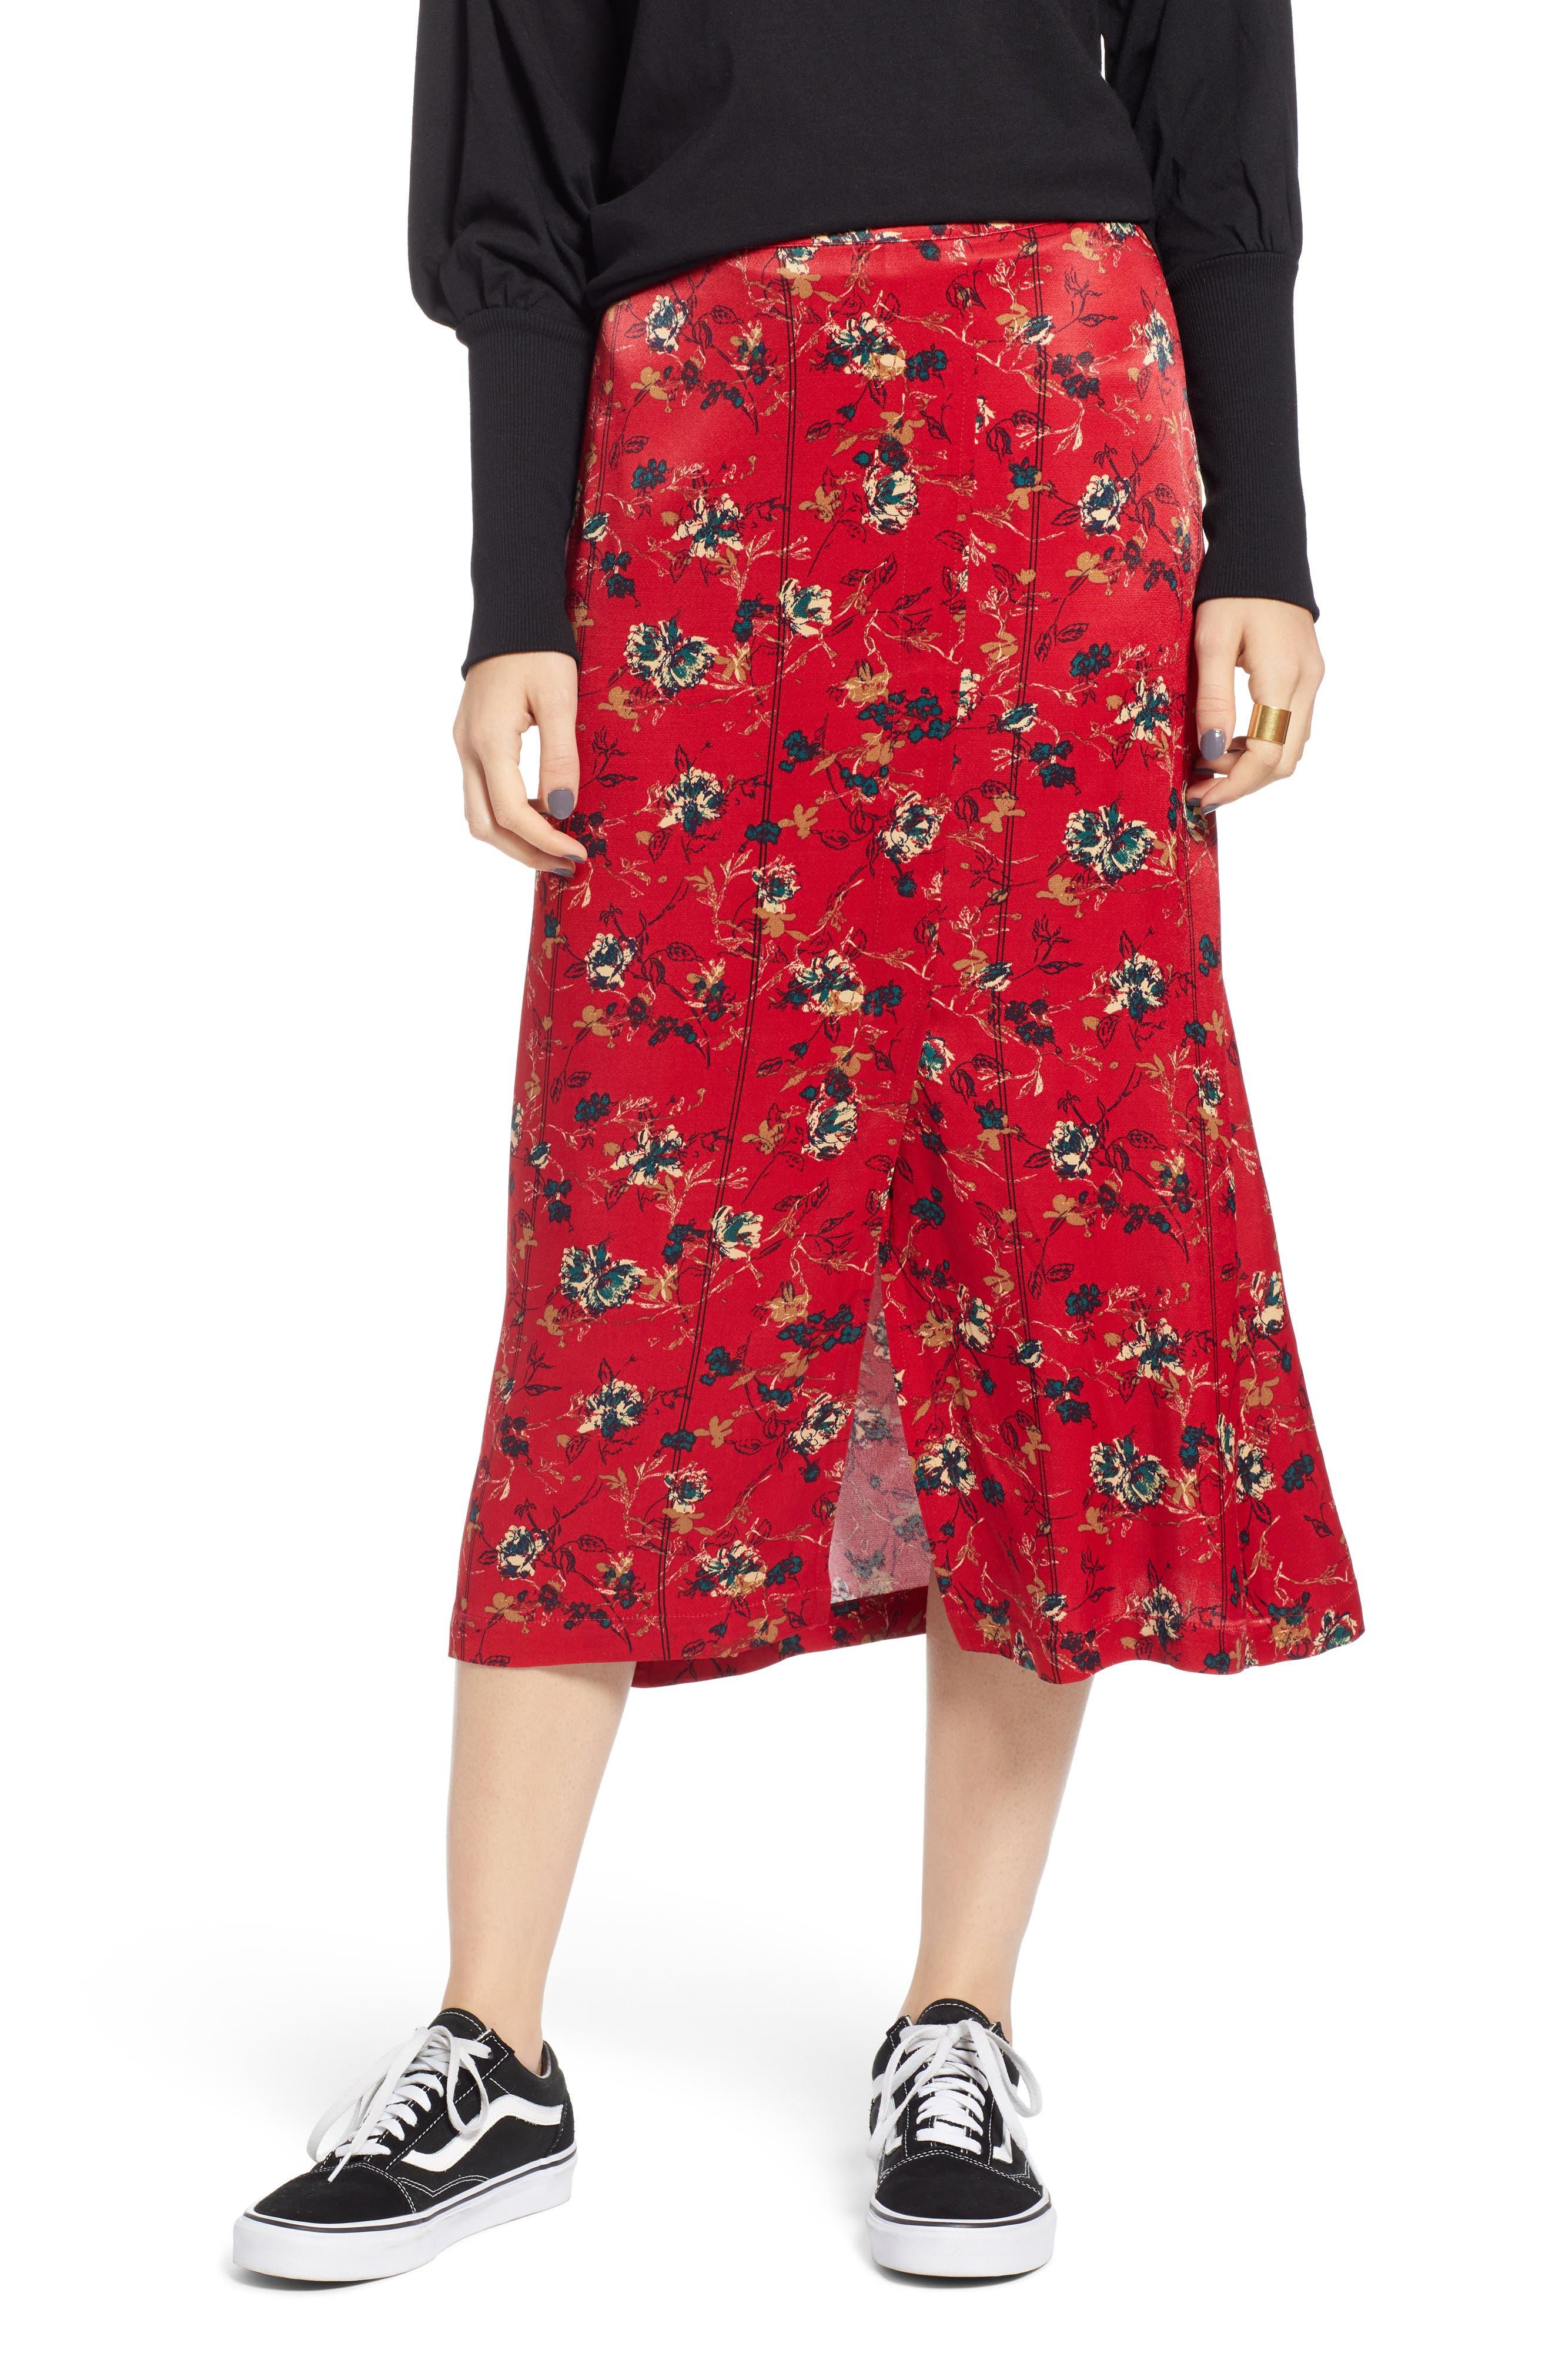 Treasure & Bond Floral Midi Skirt, Red